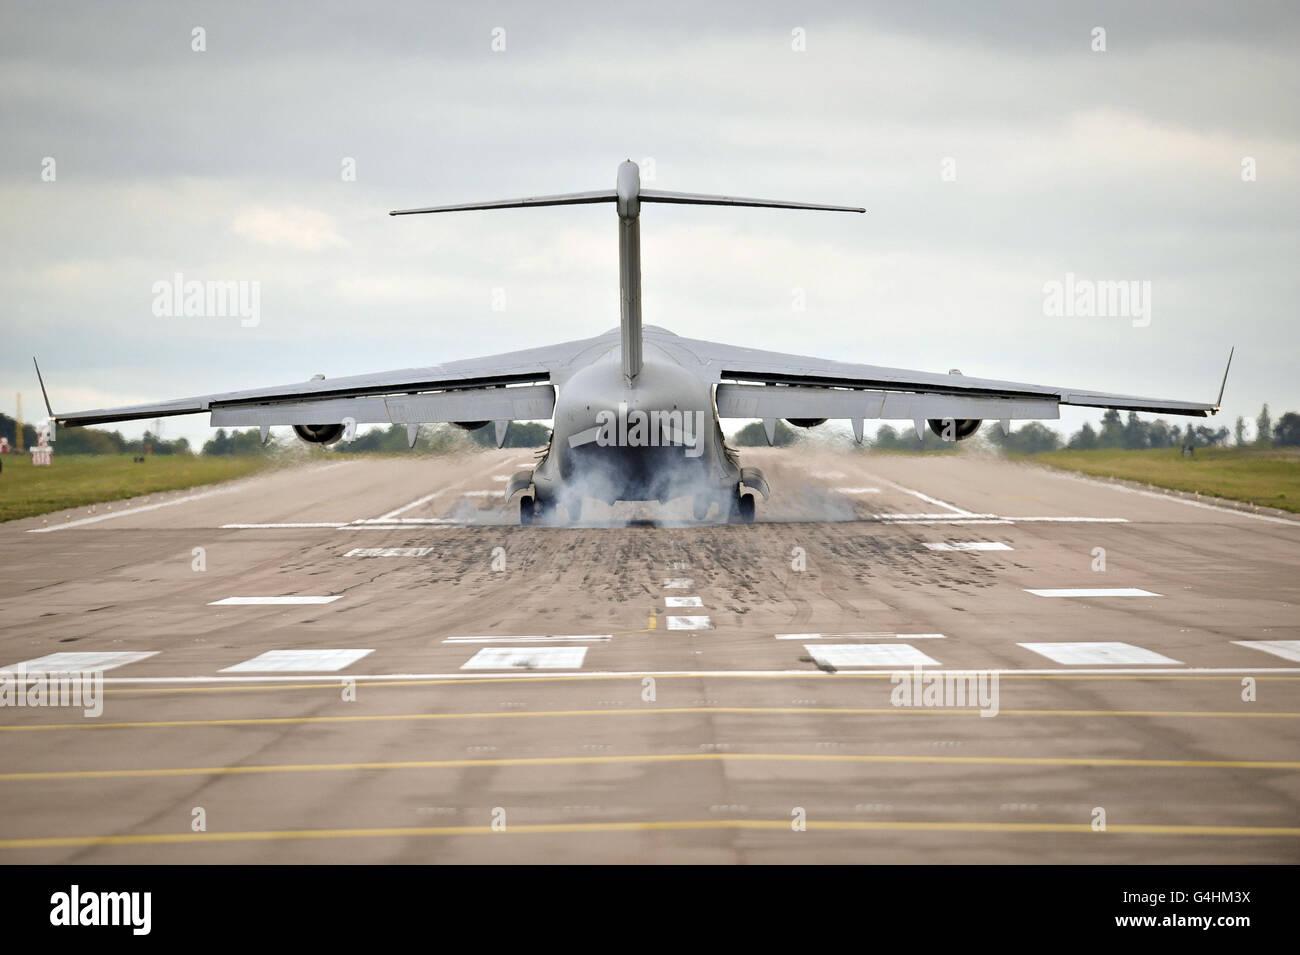 Un avion C-17 de la RAF atterrit à la RAF Brize Norton pour le premier rapatriement à la base depuis plus de 4 ans. Banque D'Images